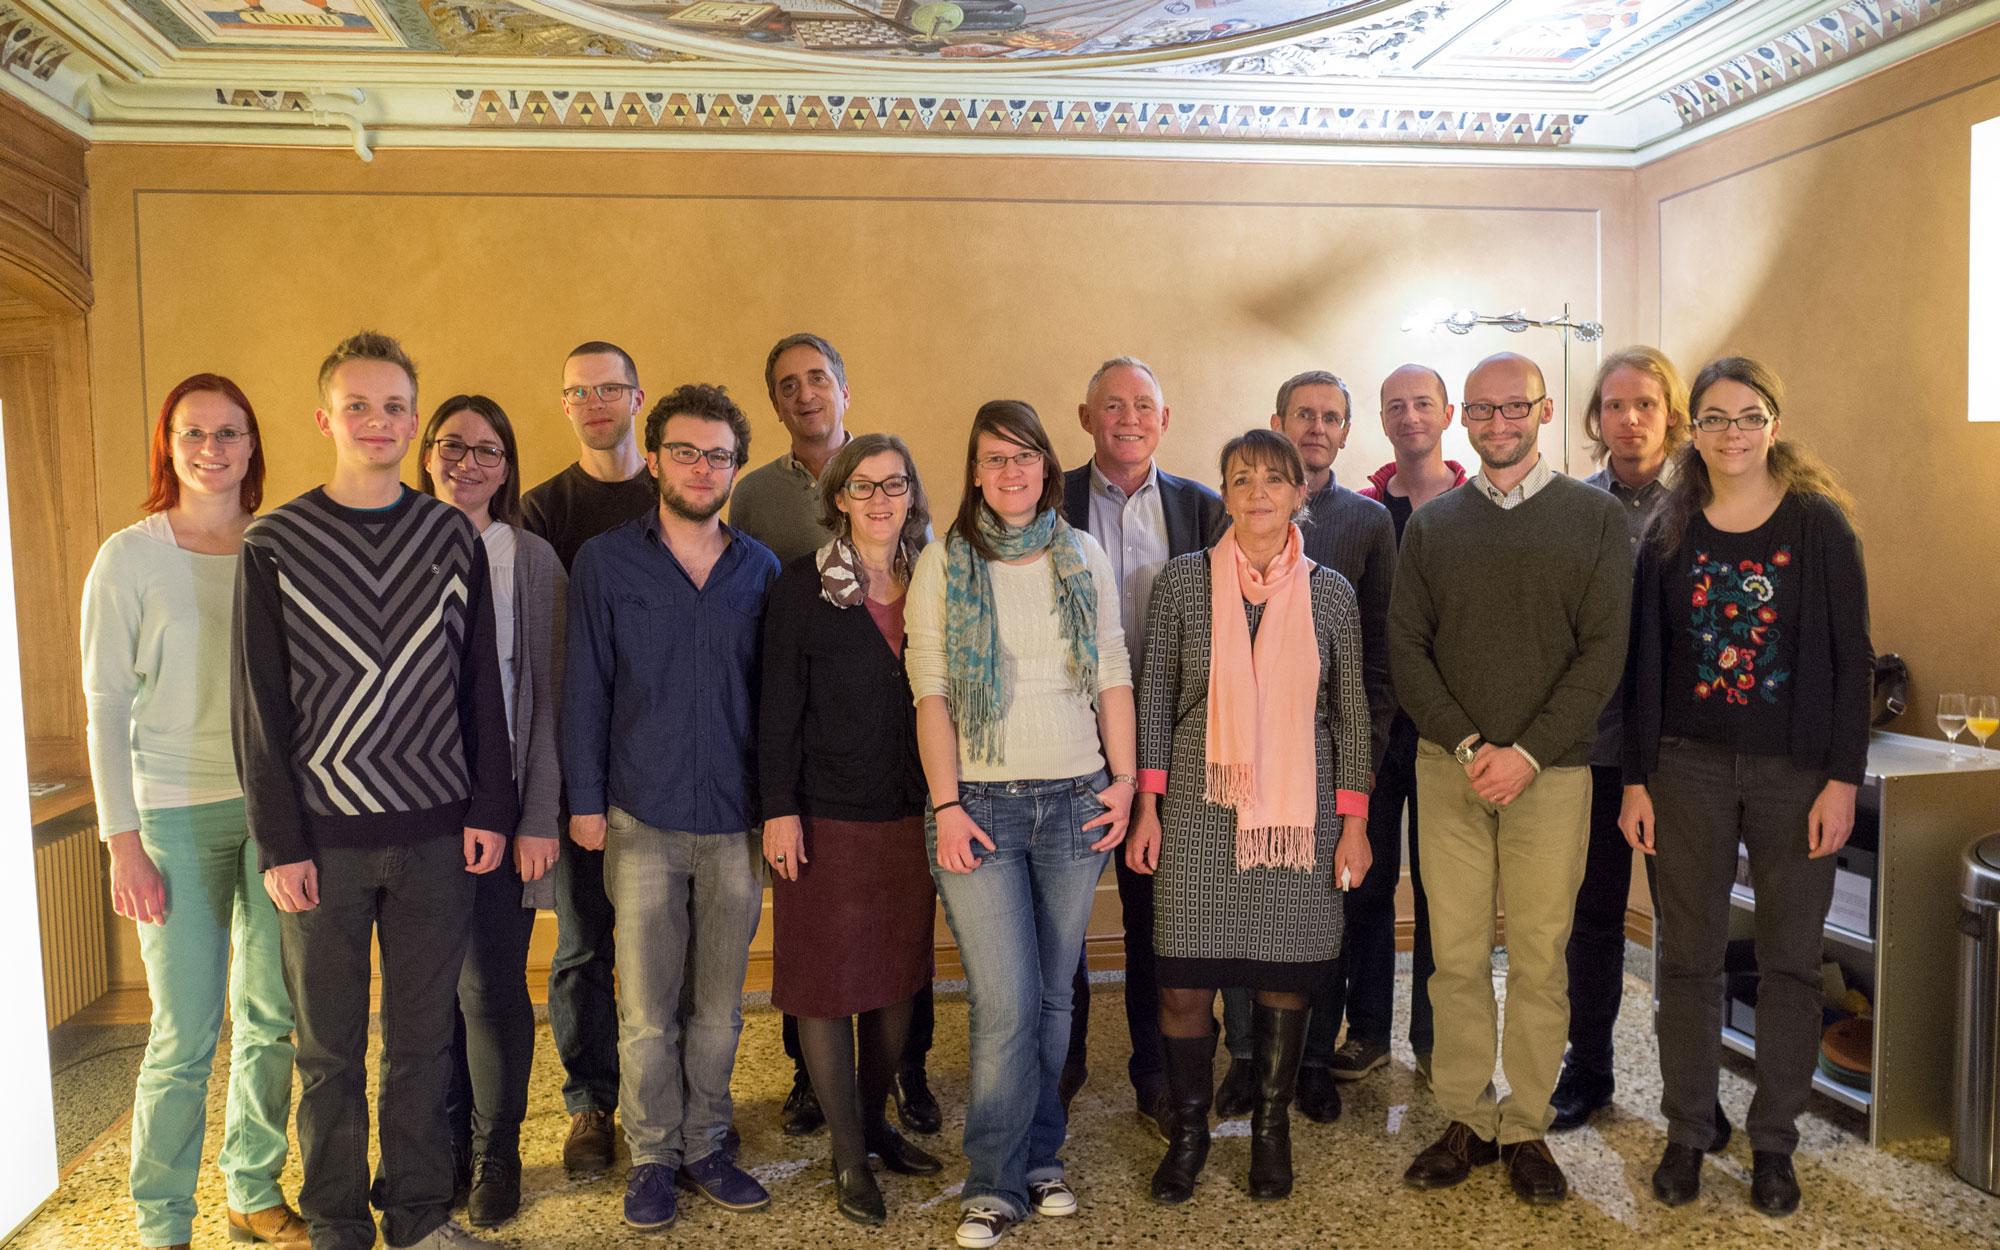 Das Idiotikon-Team zu Besuch in der Villa Patumbah, Zürich (2014)